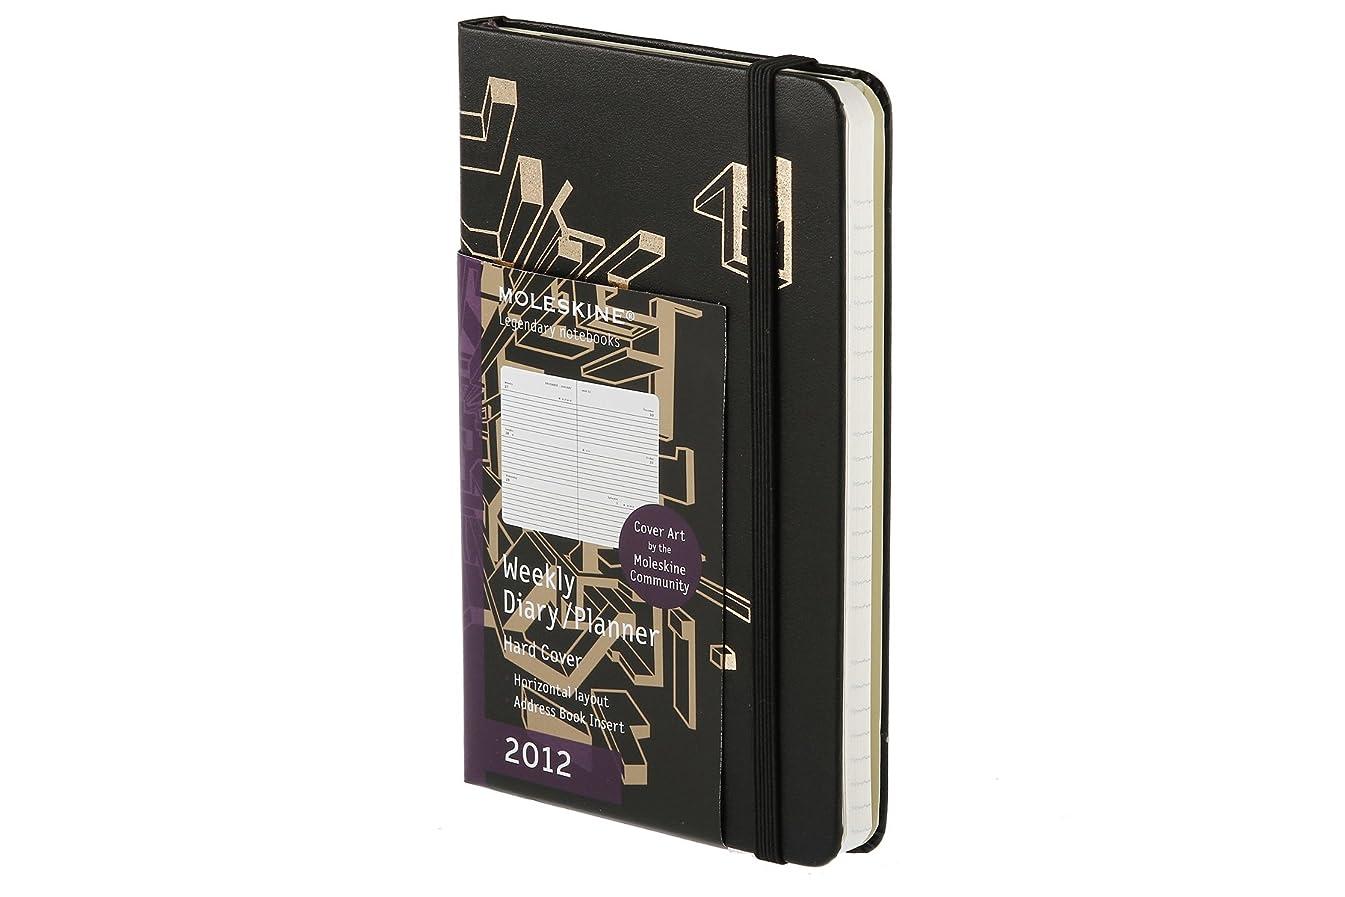 びん通知リスクMoleskine 2012 12 Month Community Weekly Planner Horizontal Sergey Bakin Hard Cover Pocket (Moleskine Legendary Notebooks (Calendars))